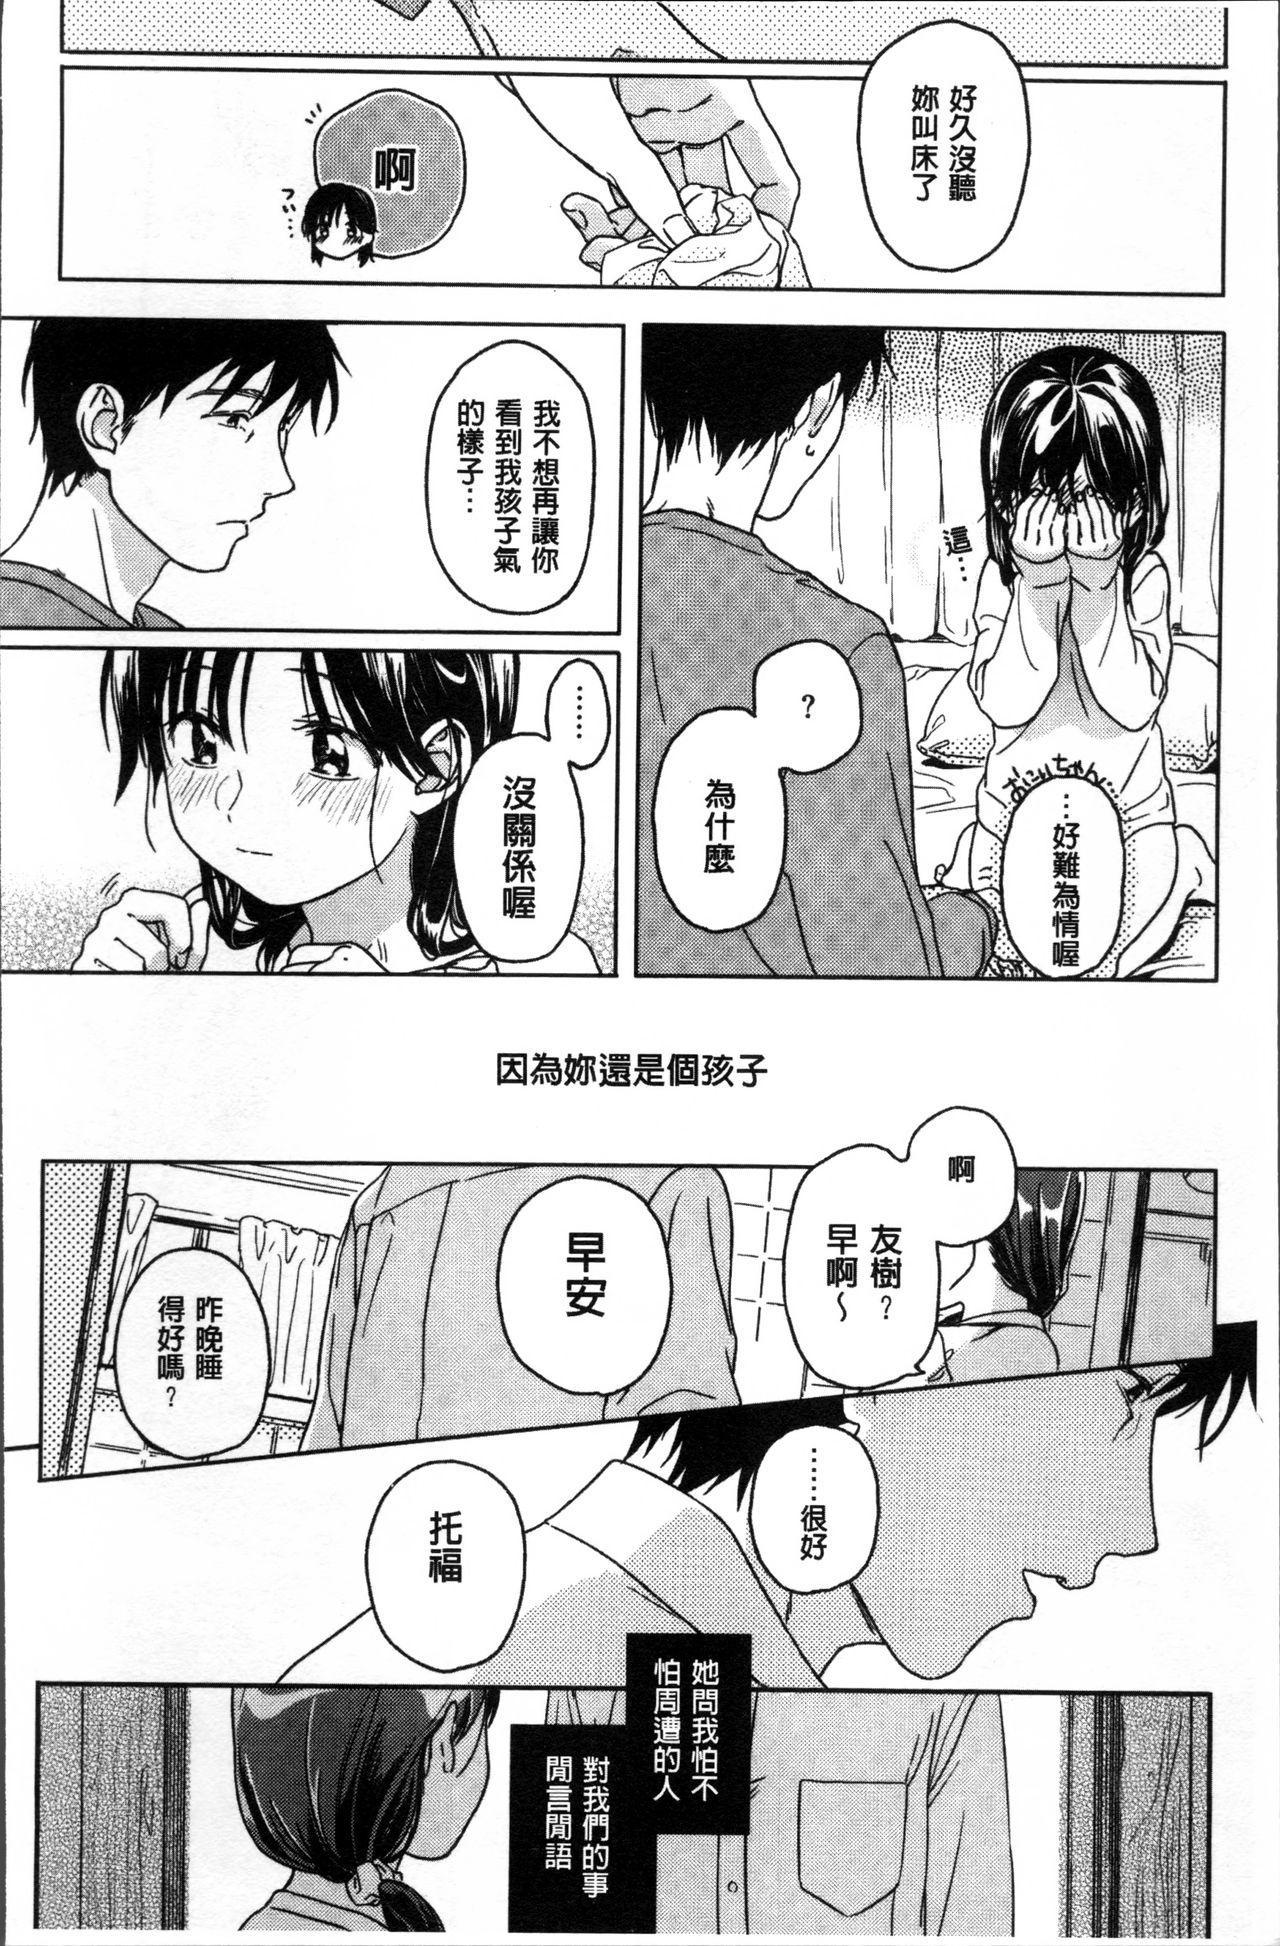 Kanojo no Setsuna 28